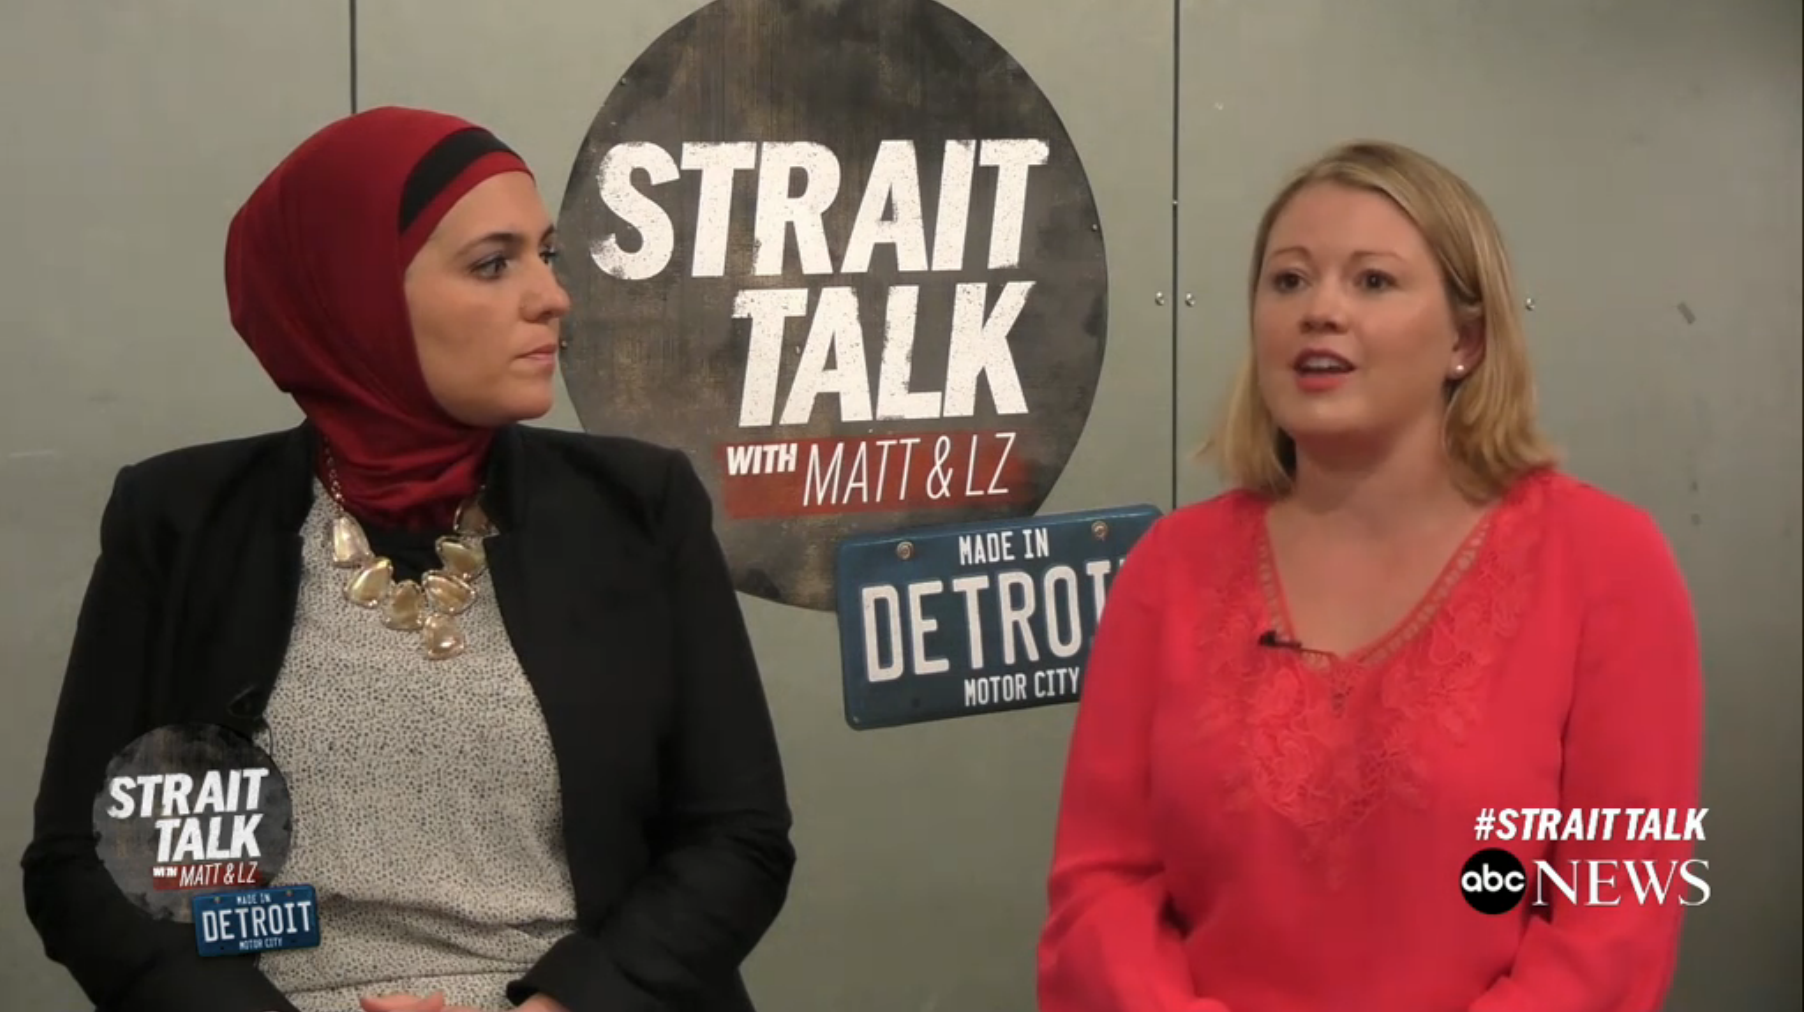 Strait Talk Interview on ABC